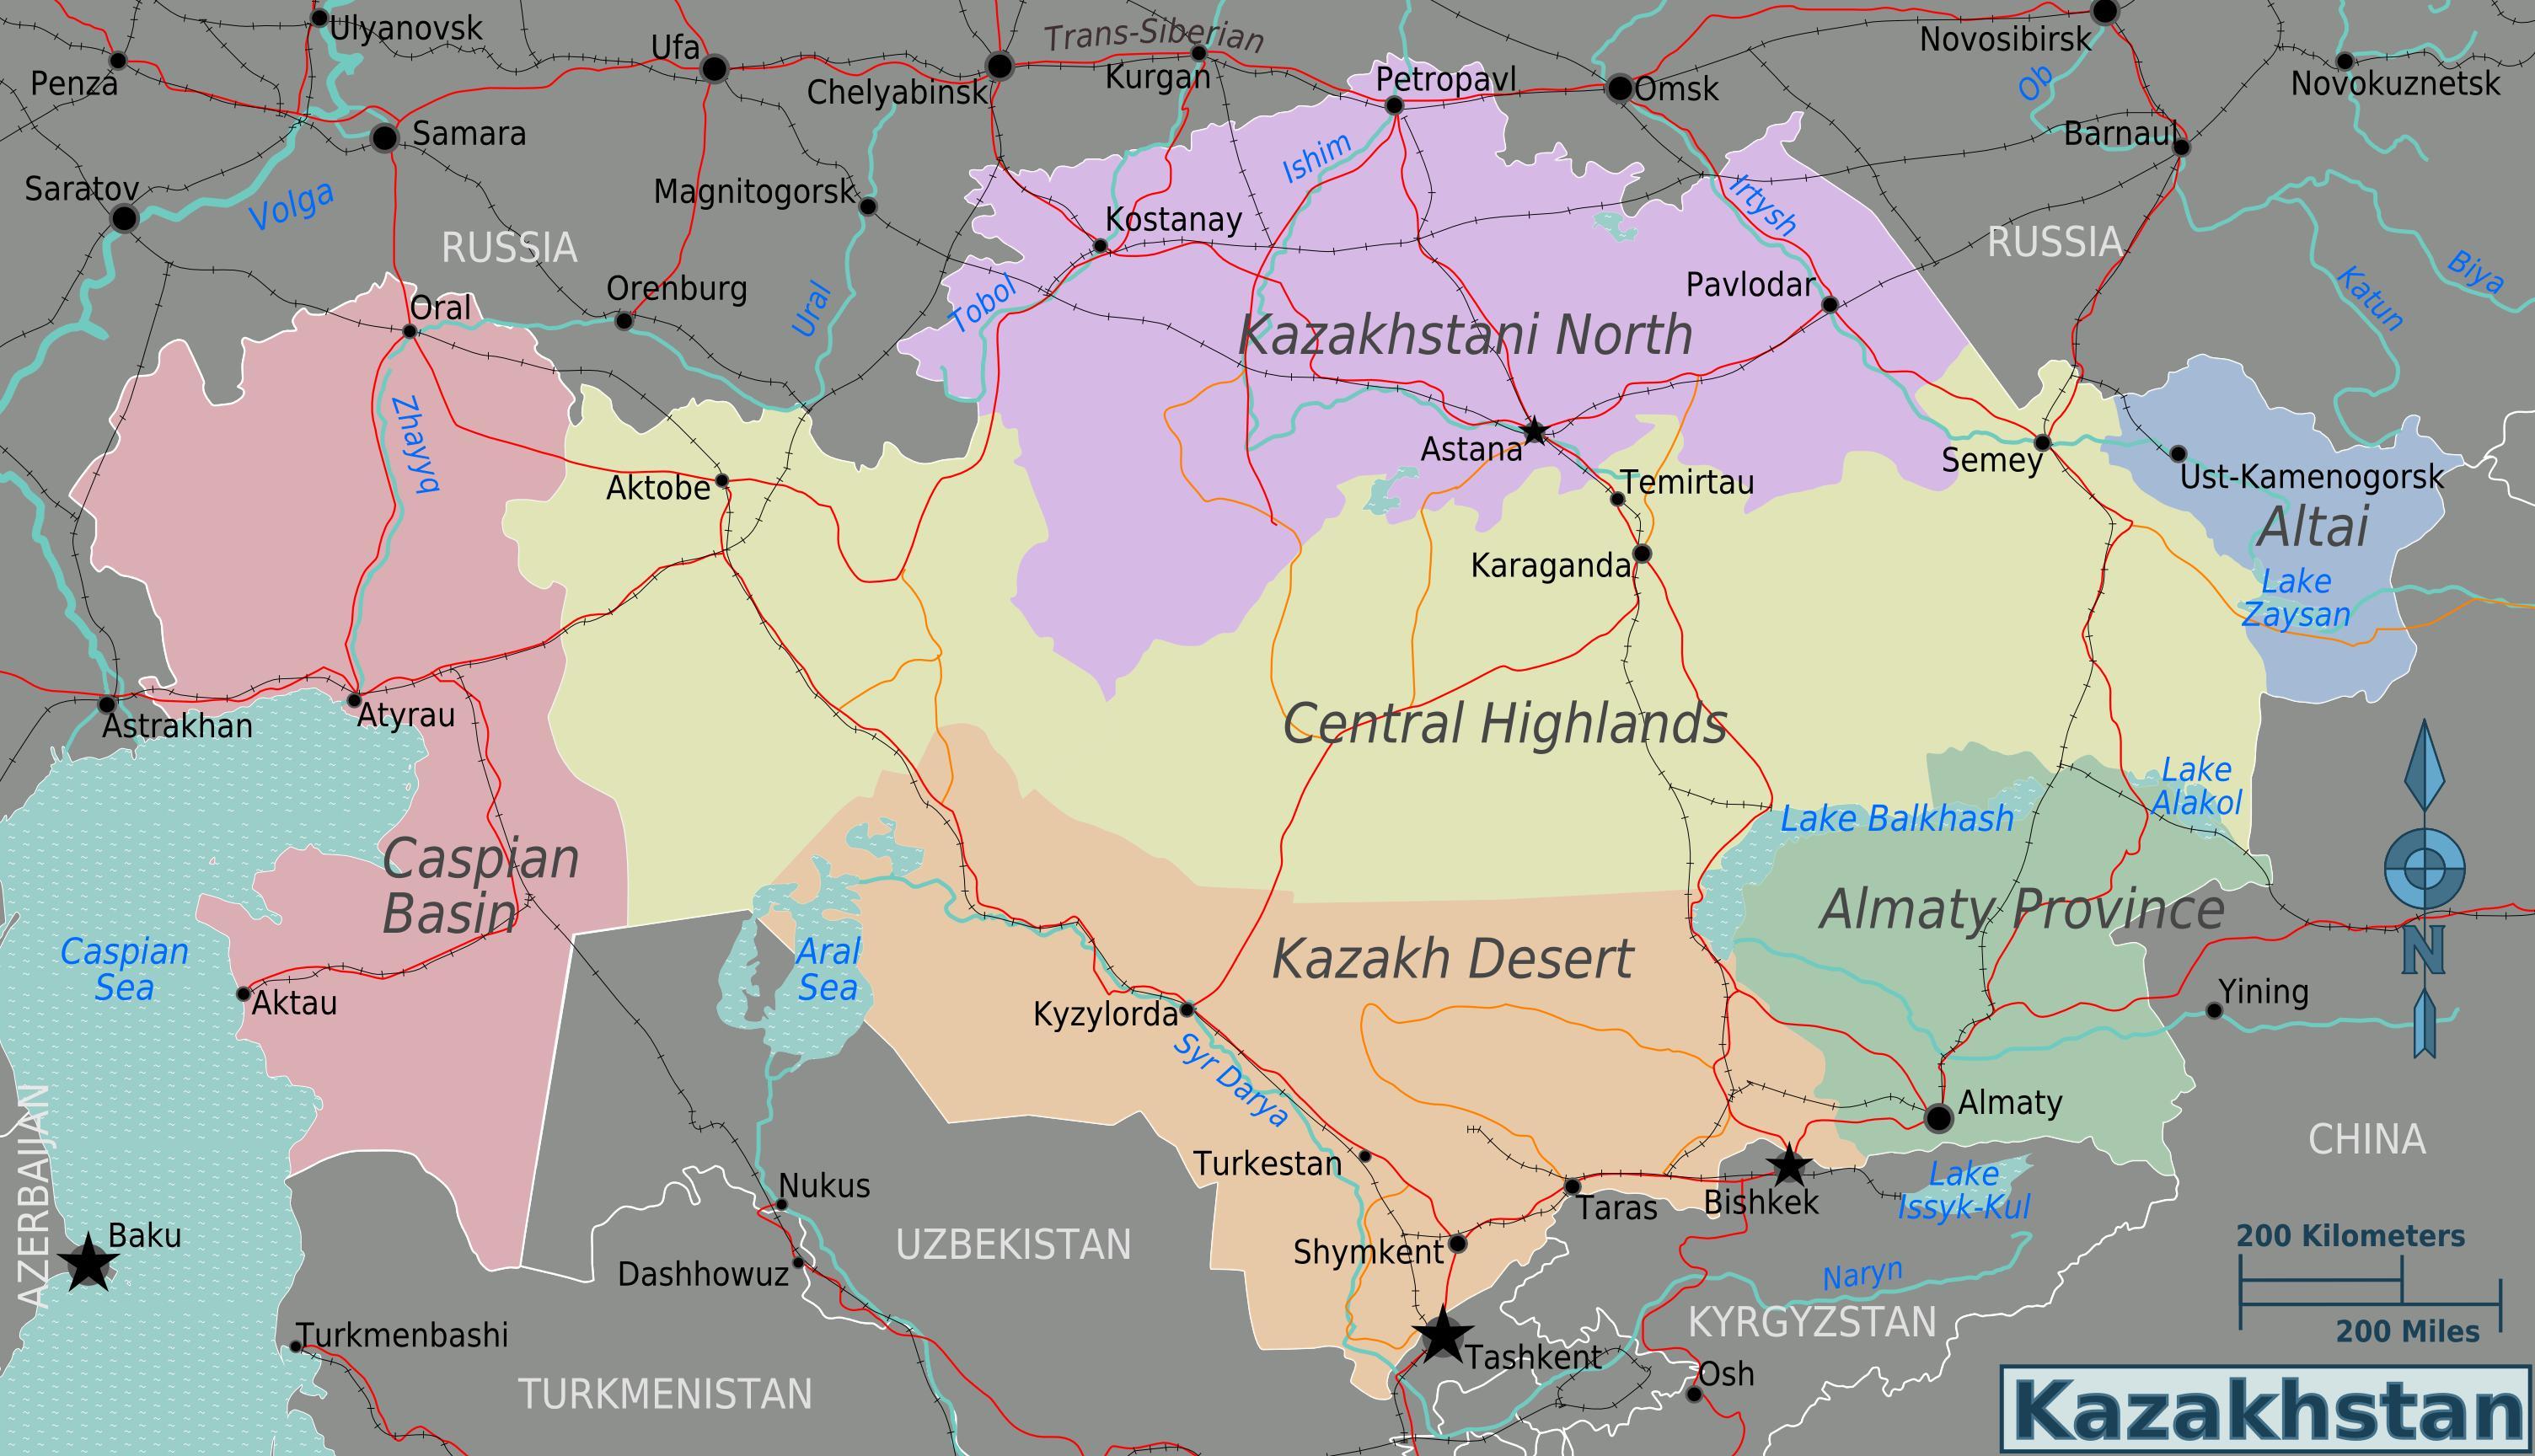 Kasakhstan Regioner Kort Kort Over Kasakhstan Regioner